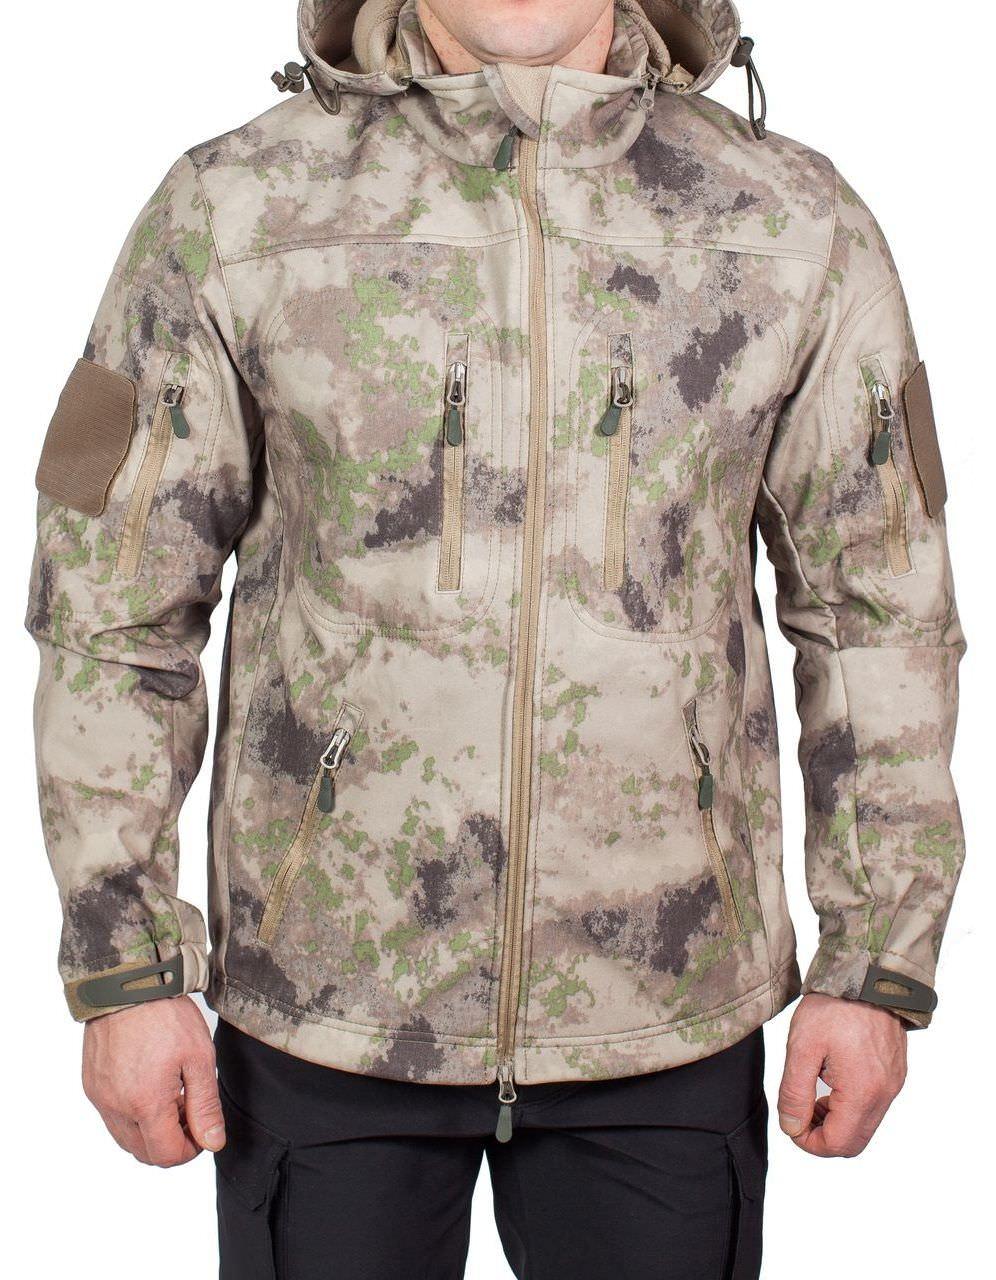 Куртка МПА-26-01 КМФ (софтшелл, песок), Magellan Куртки софтшелл (Softshell)<br>Куртка МПА-26-01 предназначена для поддержания <br>комфортной температуры тела в холодное <br>время года при активной физической деятельности, <br>при ветре и дожде. Эффективно отводит пар <br>от тела, не пропускает влагу извне. ХАРАКТЕРИСТИКИ <br>ЗАЩИТА ОТ ХОЛОДА ЗАЩИТА ОТ ДОЖДЯ И ВЕТРА <br>ДЛЯ ИНТЕНСИВНЫХ НАГРУЗОК ДЛЯ АКТИВНОГО <br>ОТДЫХА ТОЛЬКО РУЧНАЯ СТИРКА МАТЕРИАЛЫ СОФТШЕЛЛ <br>ФЛИС МЕМБРАНА<br><br>Пол: мужской<br>Размер: 50<br>Рост: 182<br>Сезон: демисезонный<br>Цвет: бежевый<br>Материал: мембрана